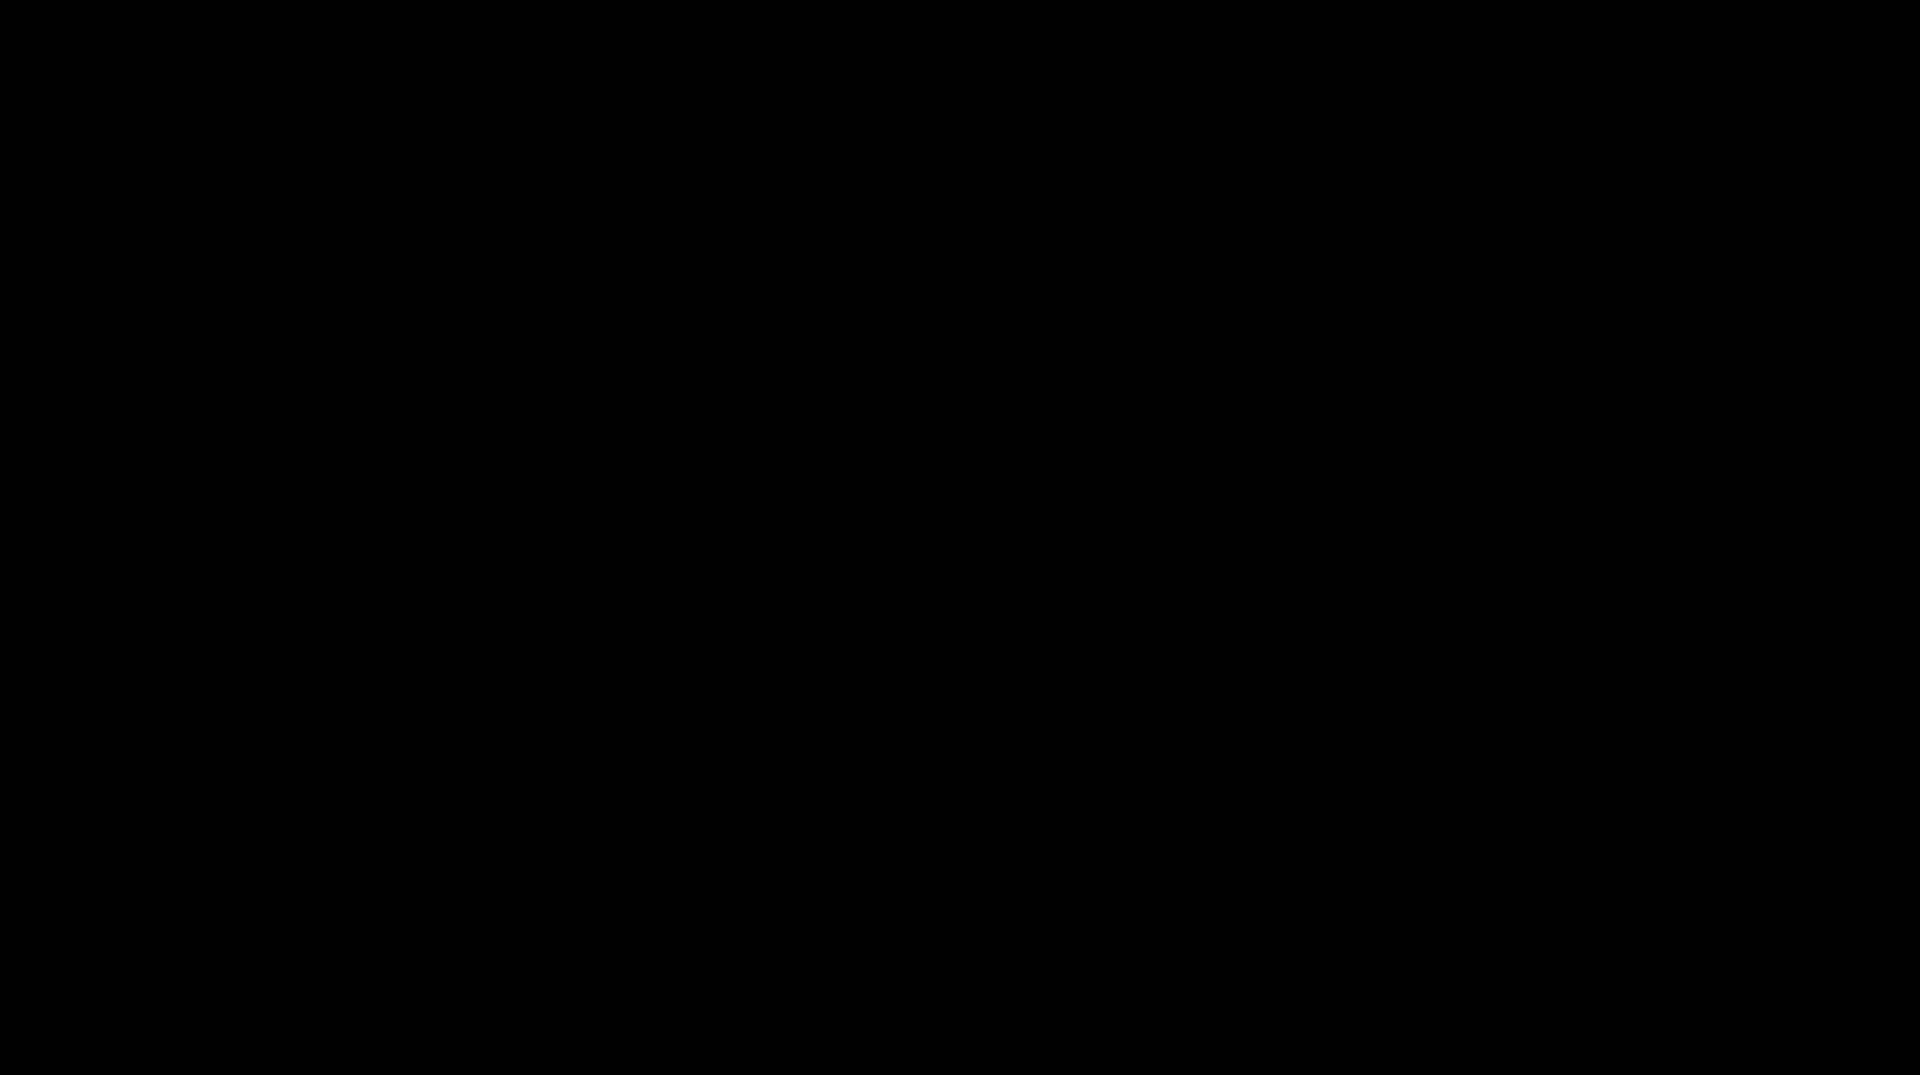 Черный картинка на айфон